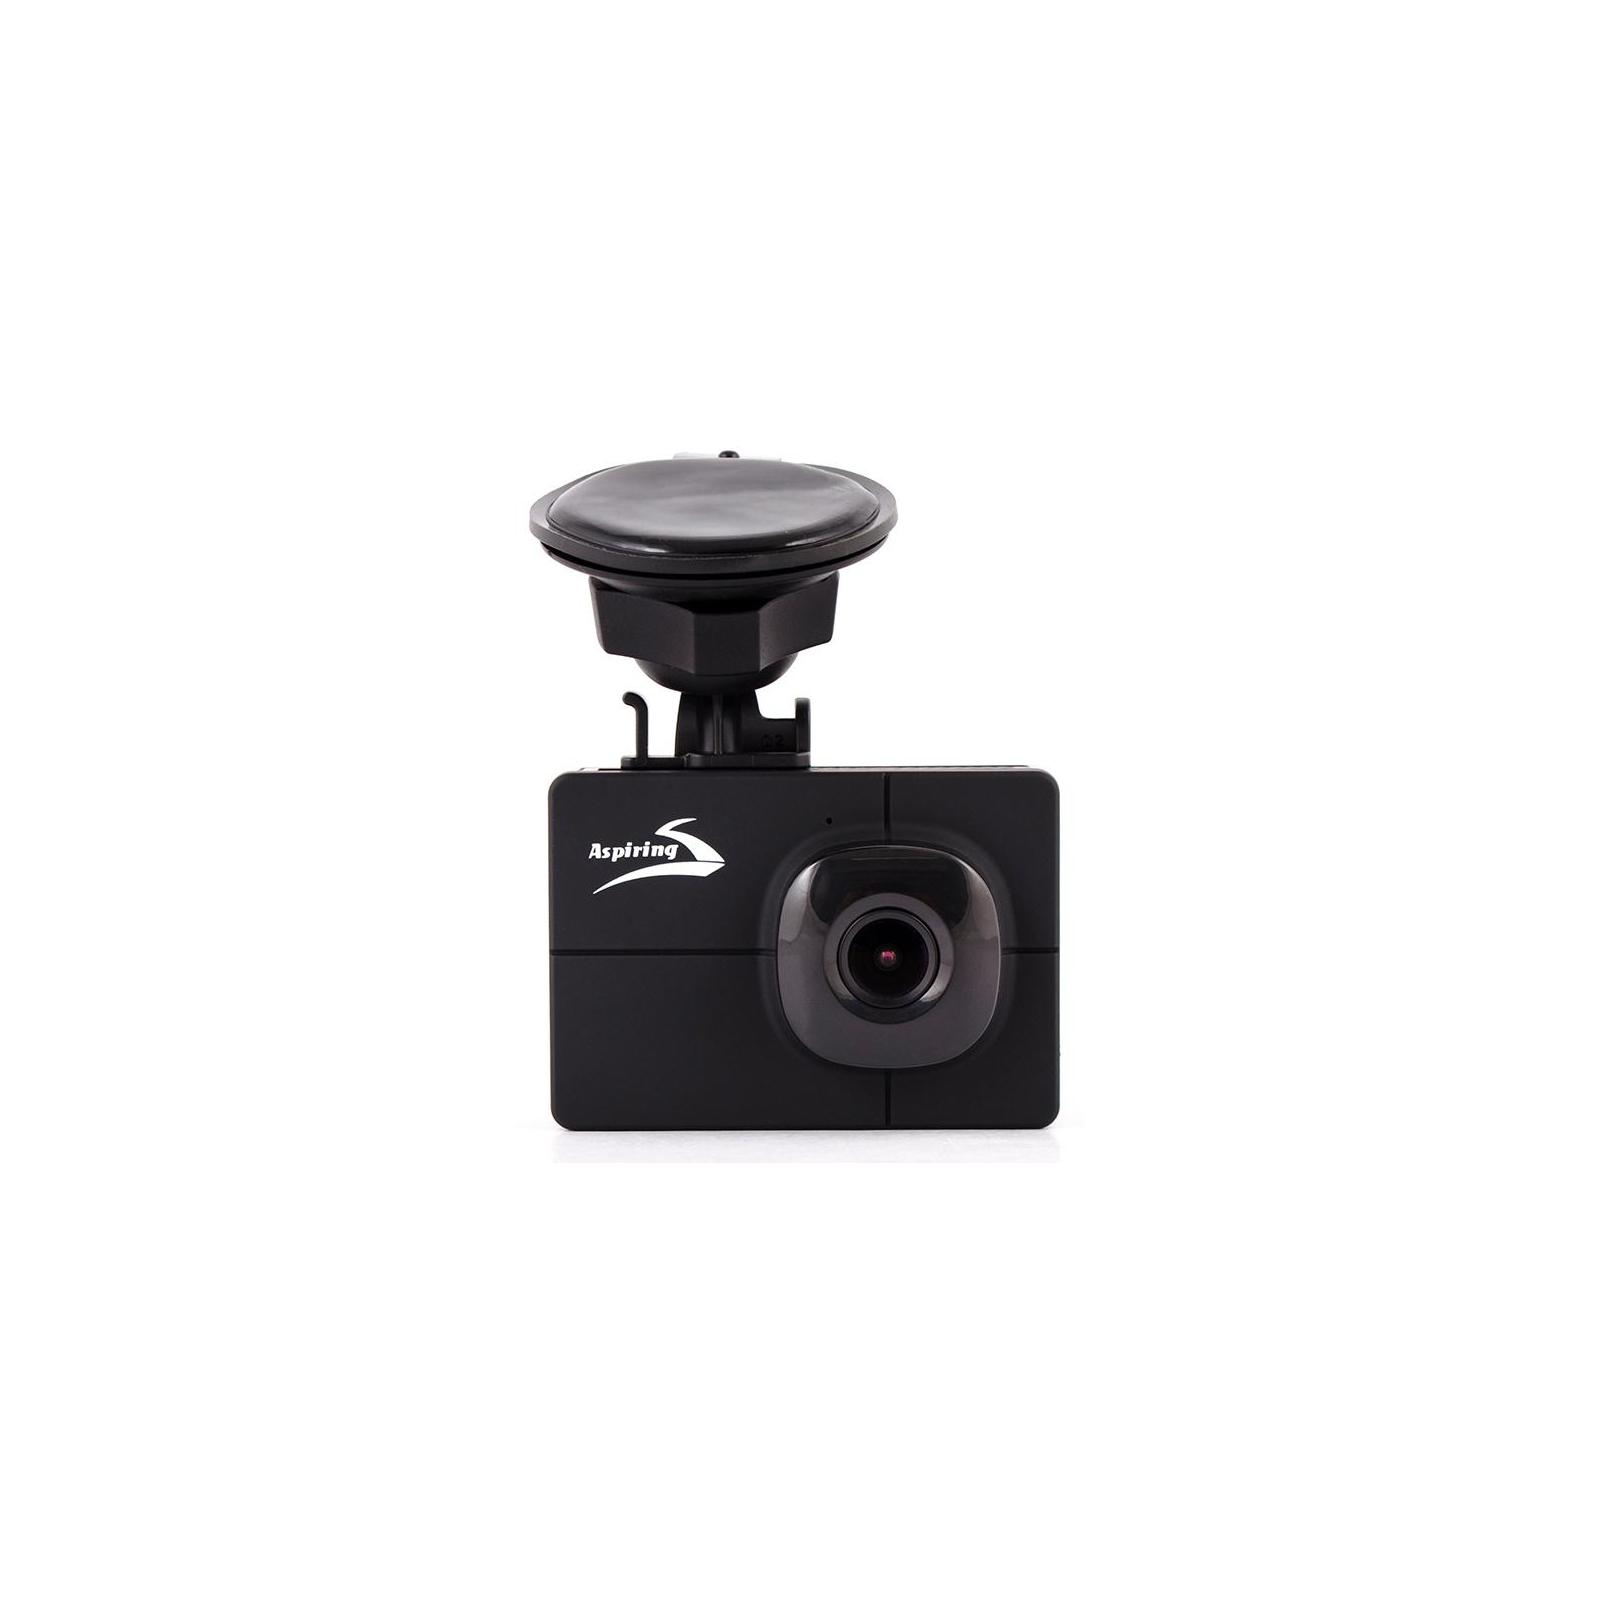 Видеорегистратор Aspiring AT220 Wi-Fi (AT220) изображение 3